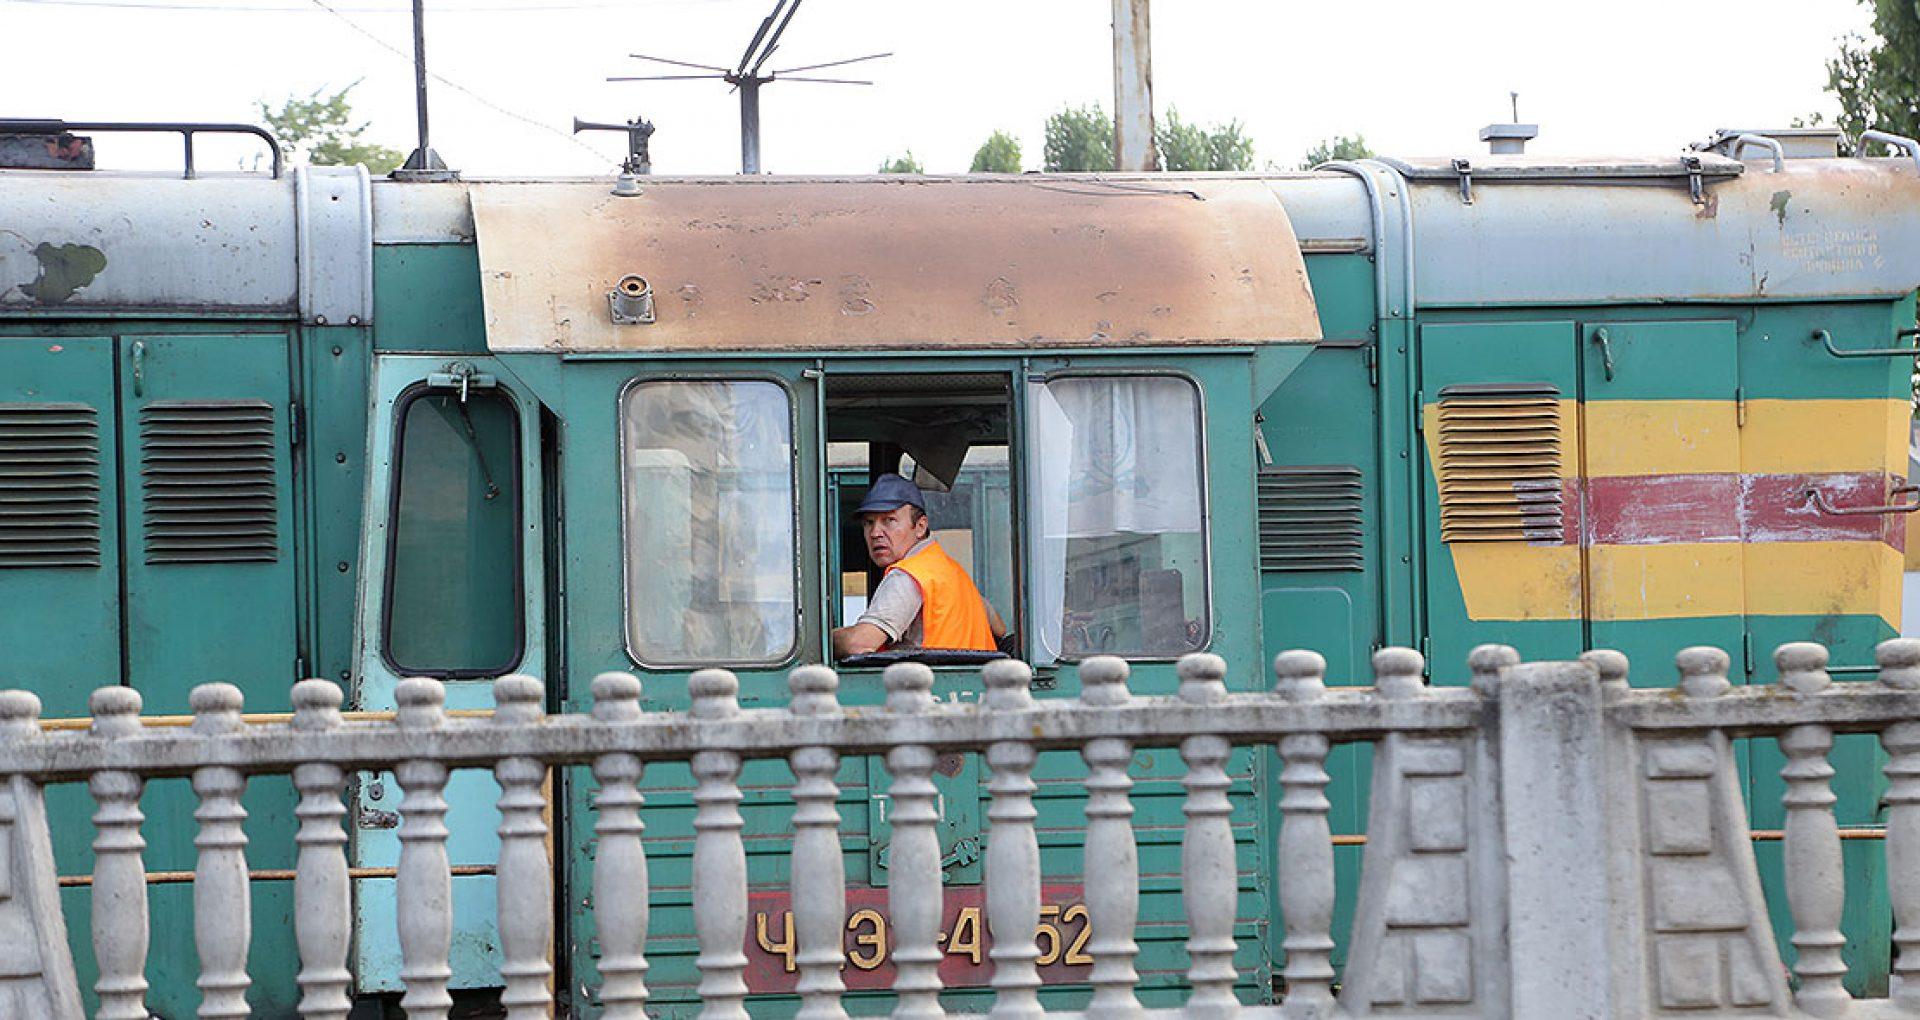 Angajaţii nodului feroviar Bălți protestează din cauza întârzierilor salariale